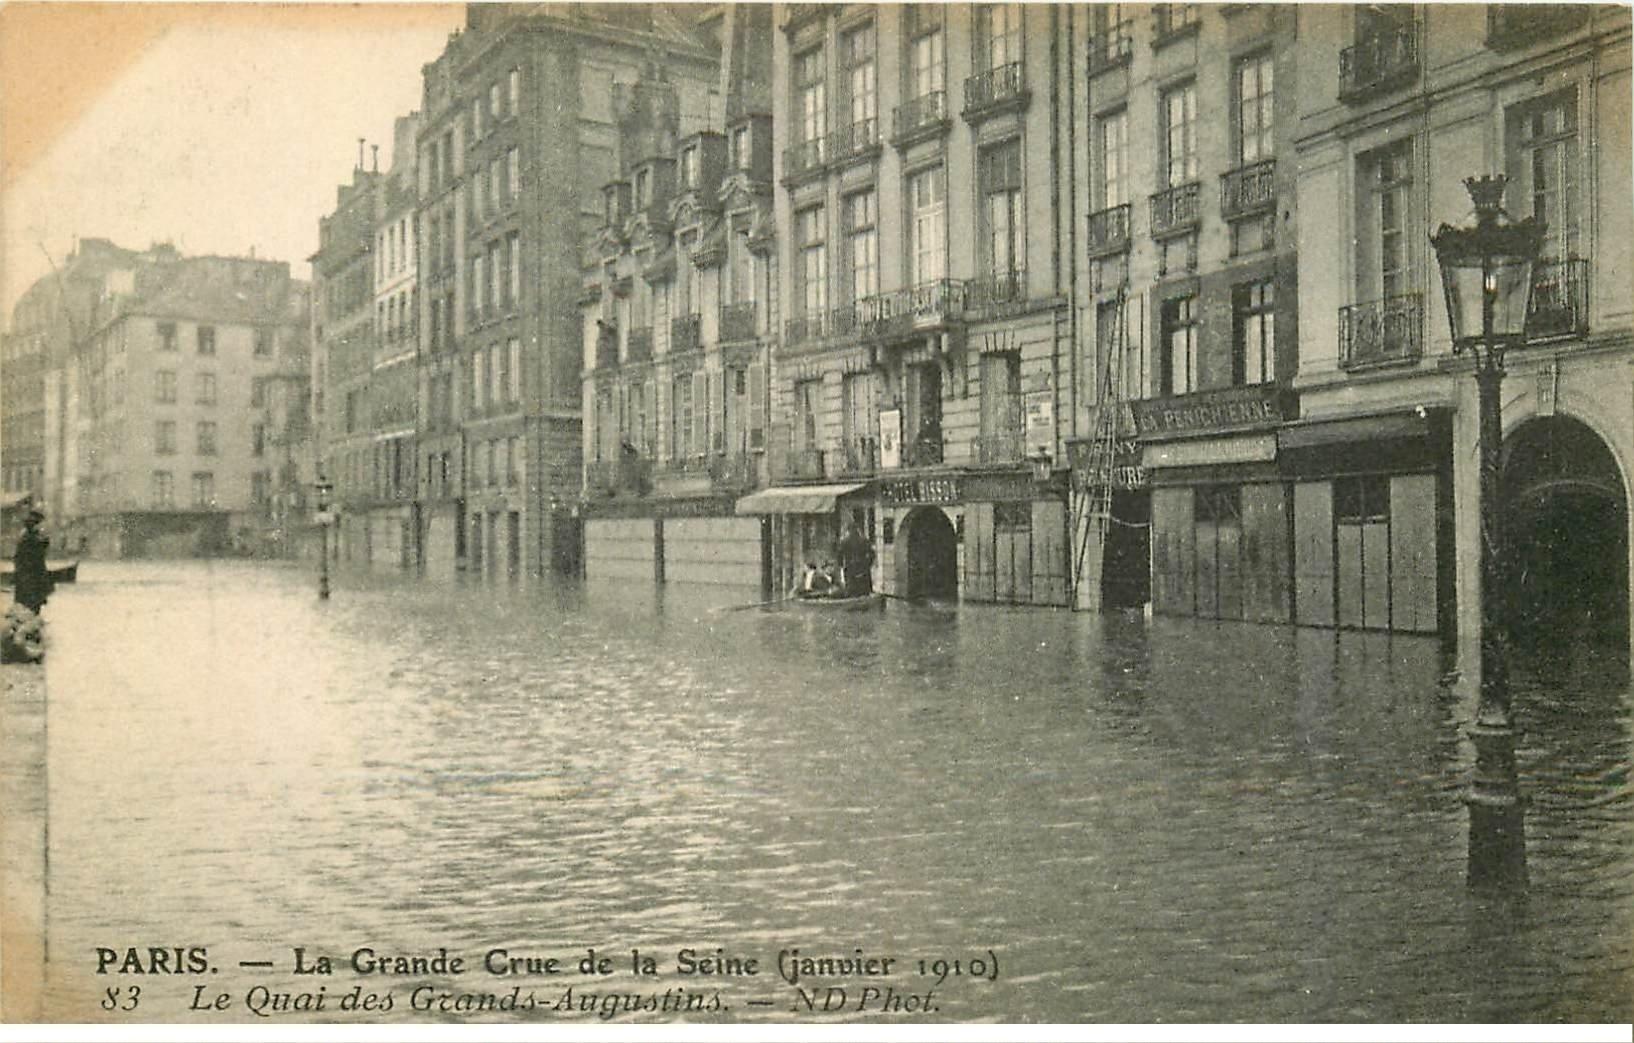 carte postale ancienne INONDATION ET CRUE PARIS 1910. Quai Grands Augustins Hôtel Bisson